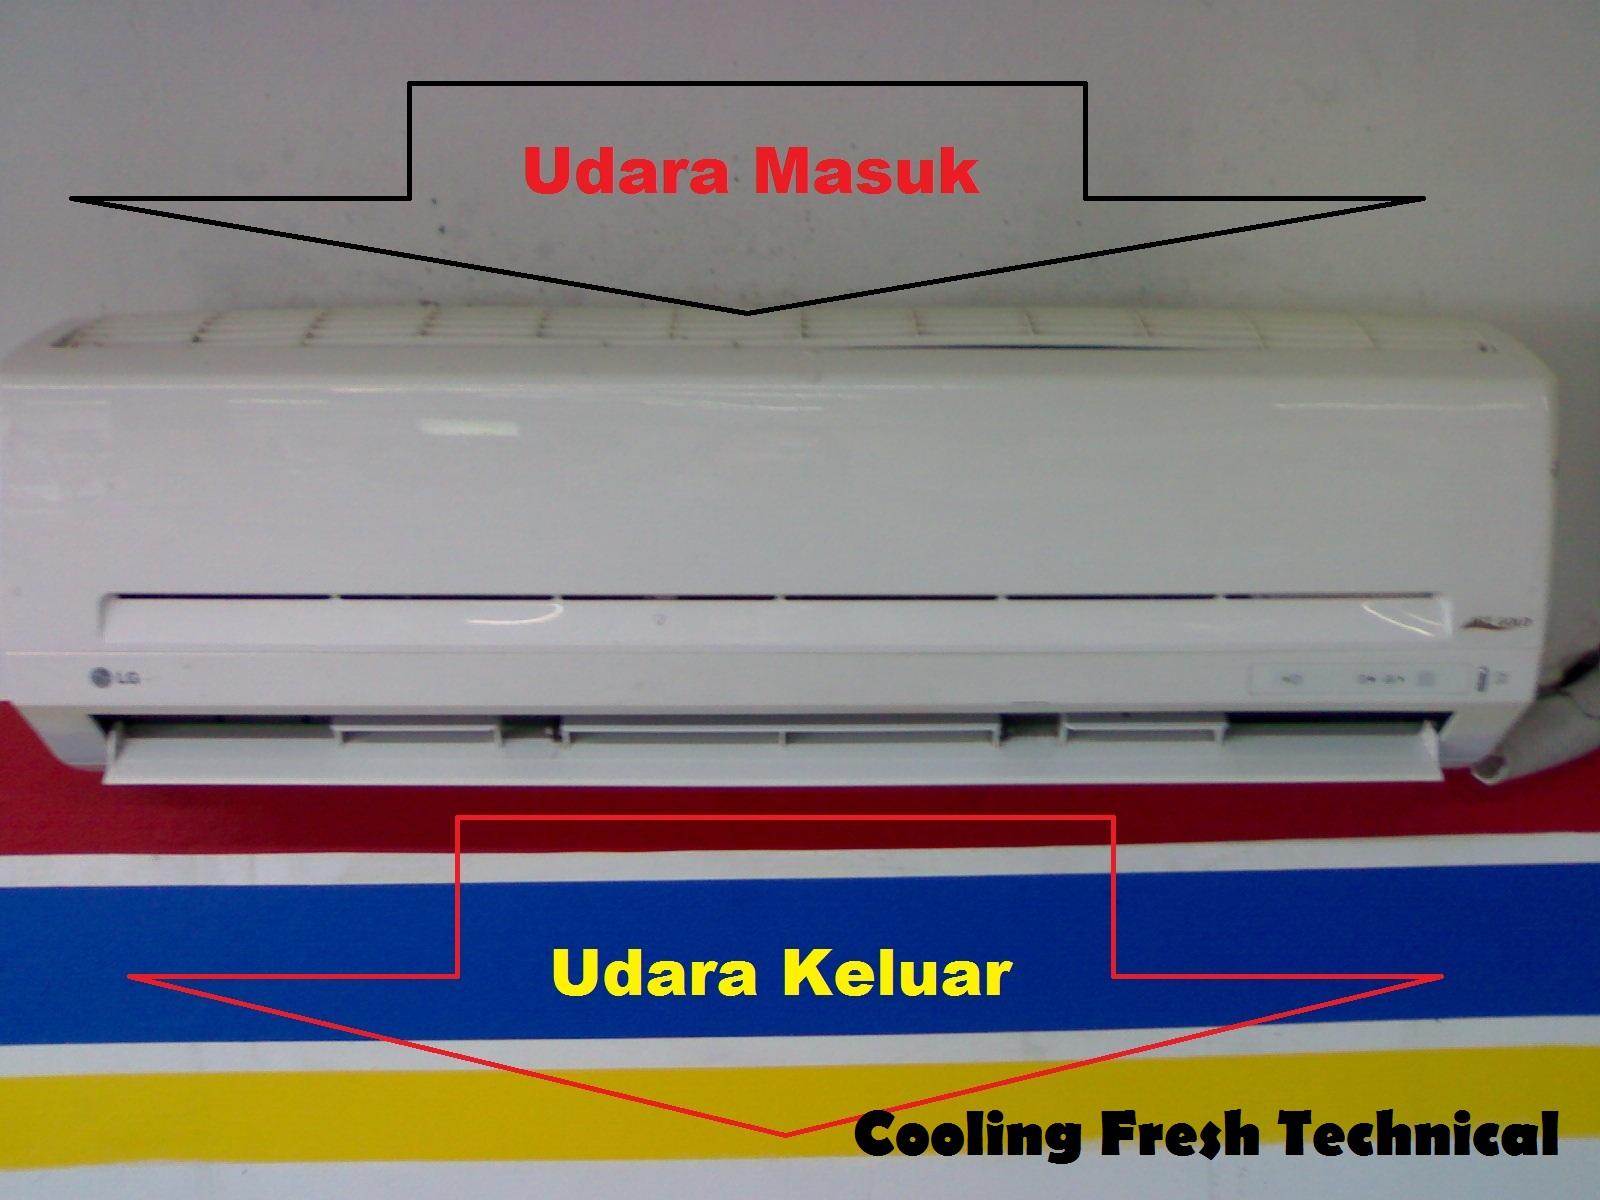 Dampak ringan yang terjadi adalah terjadinya penurunan proses pendinginan ruangan atau dengan kata lain troubel terjadi kerusakan pada unit AC dan